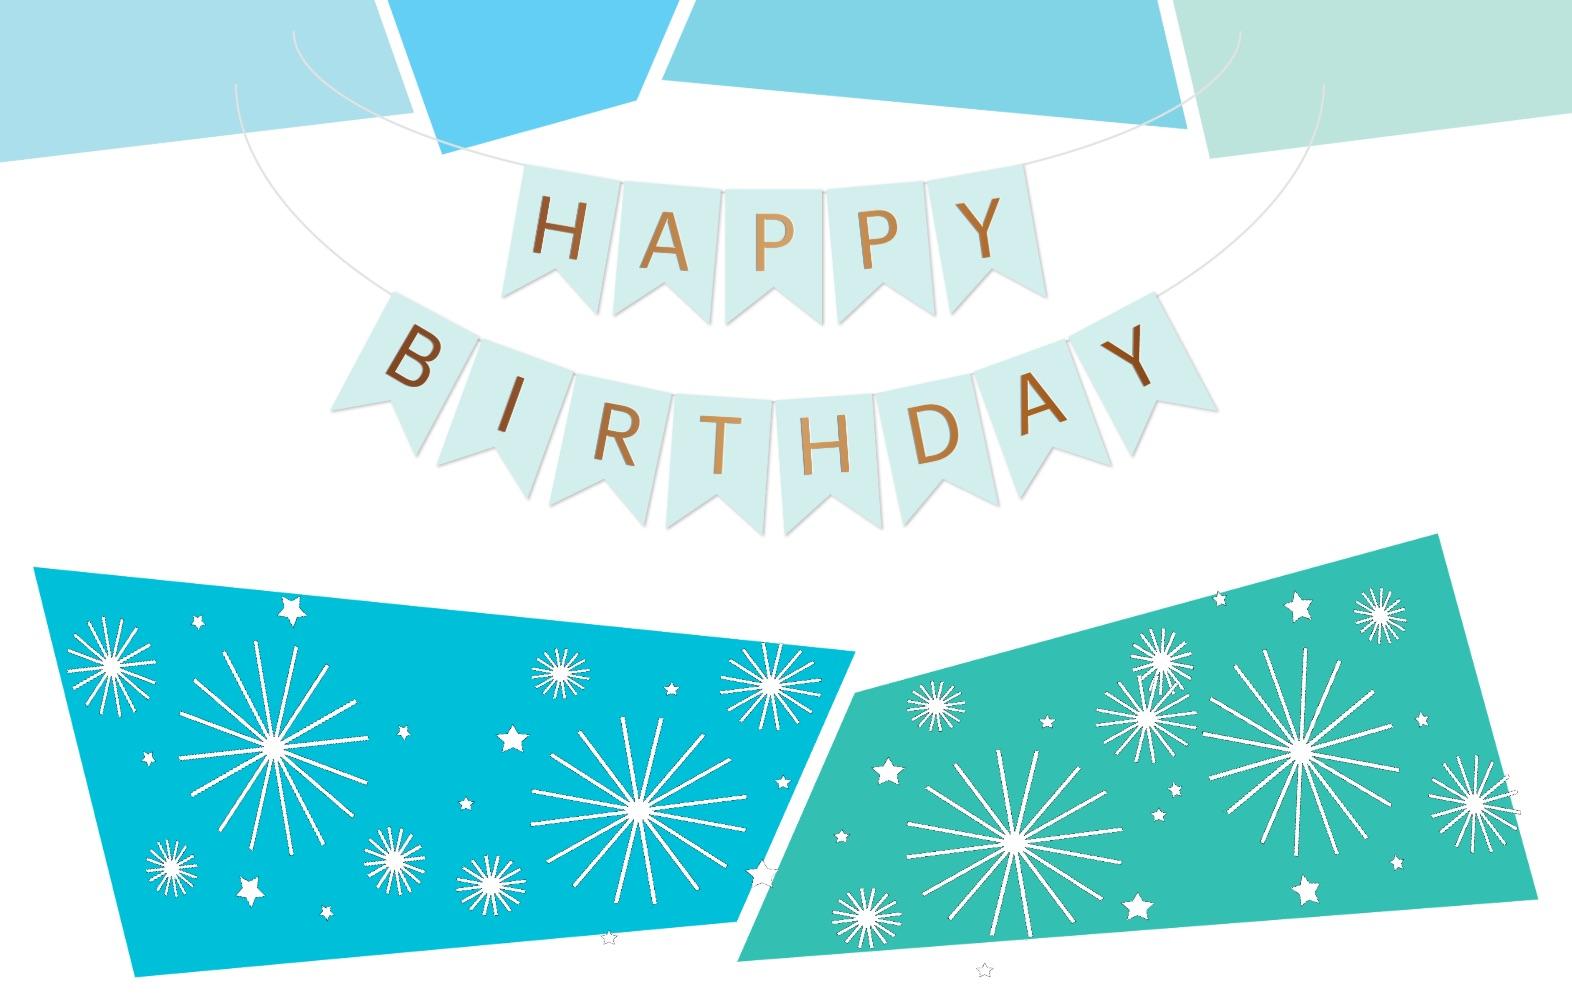 c. Happy birthday